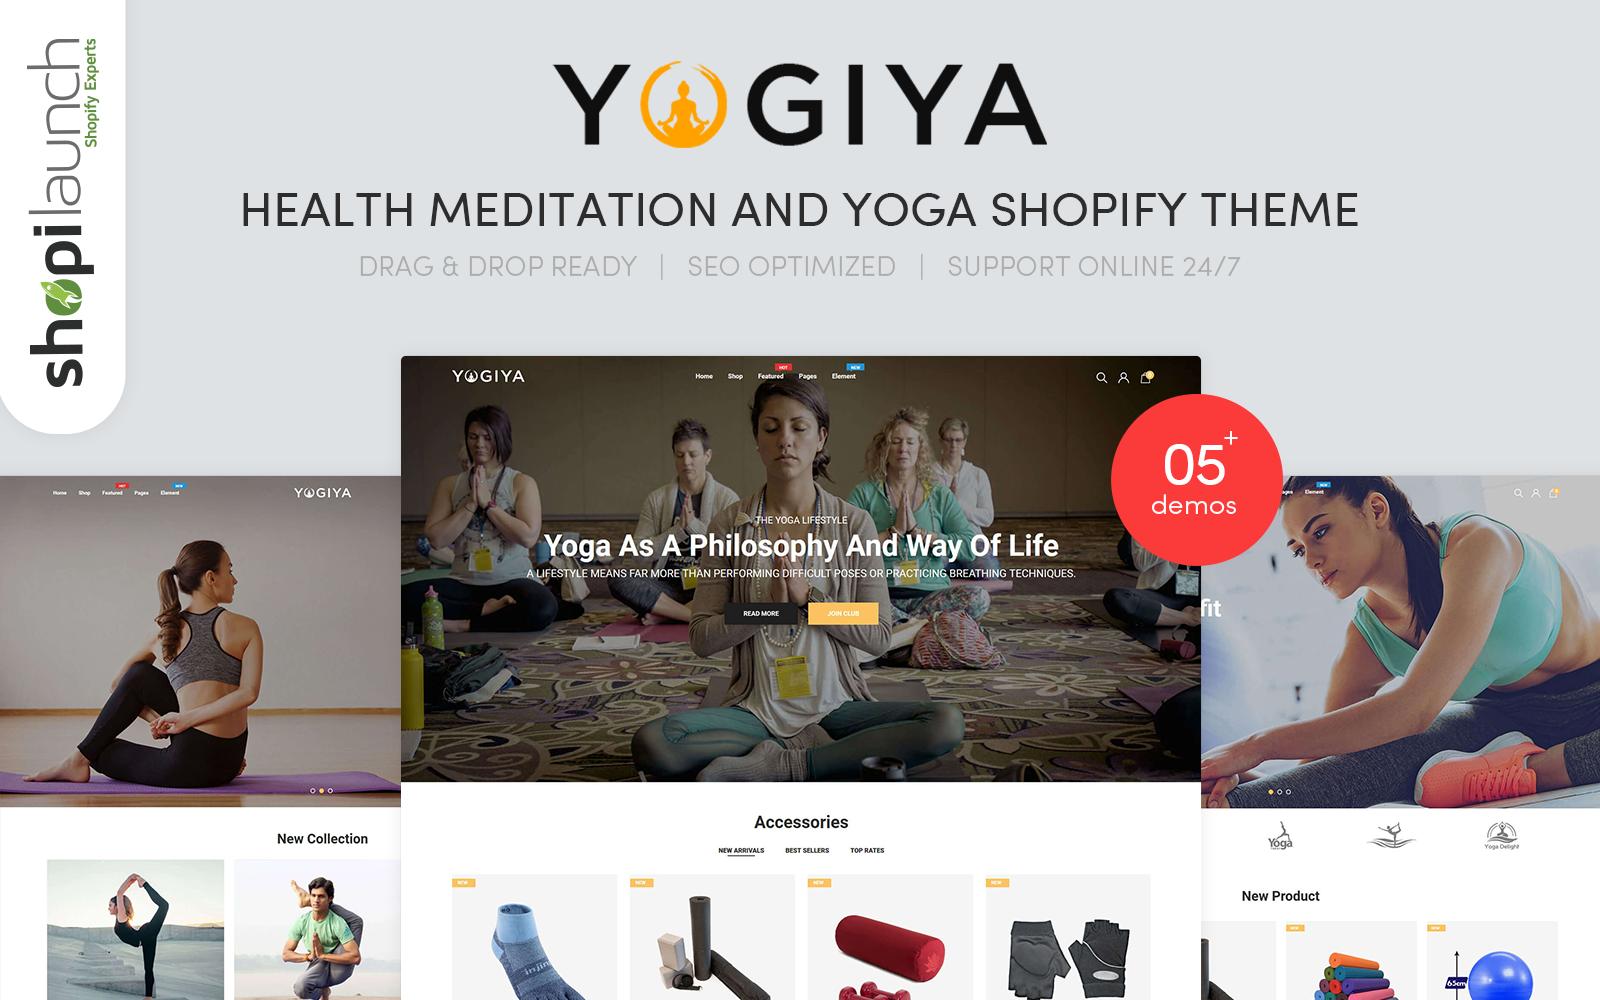 Szablon Shopify Yogiya - Health Meditation And Yoga #101771